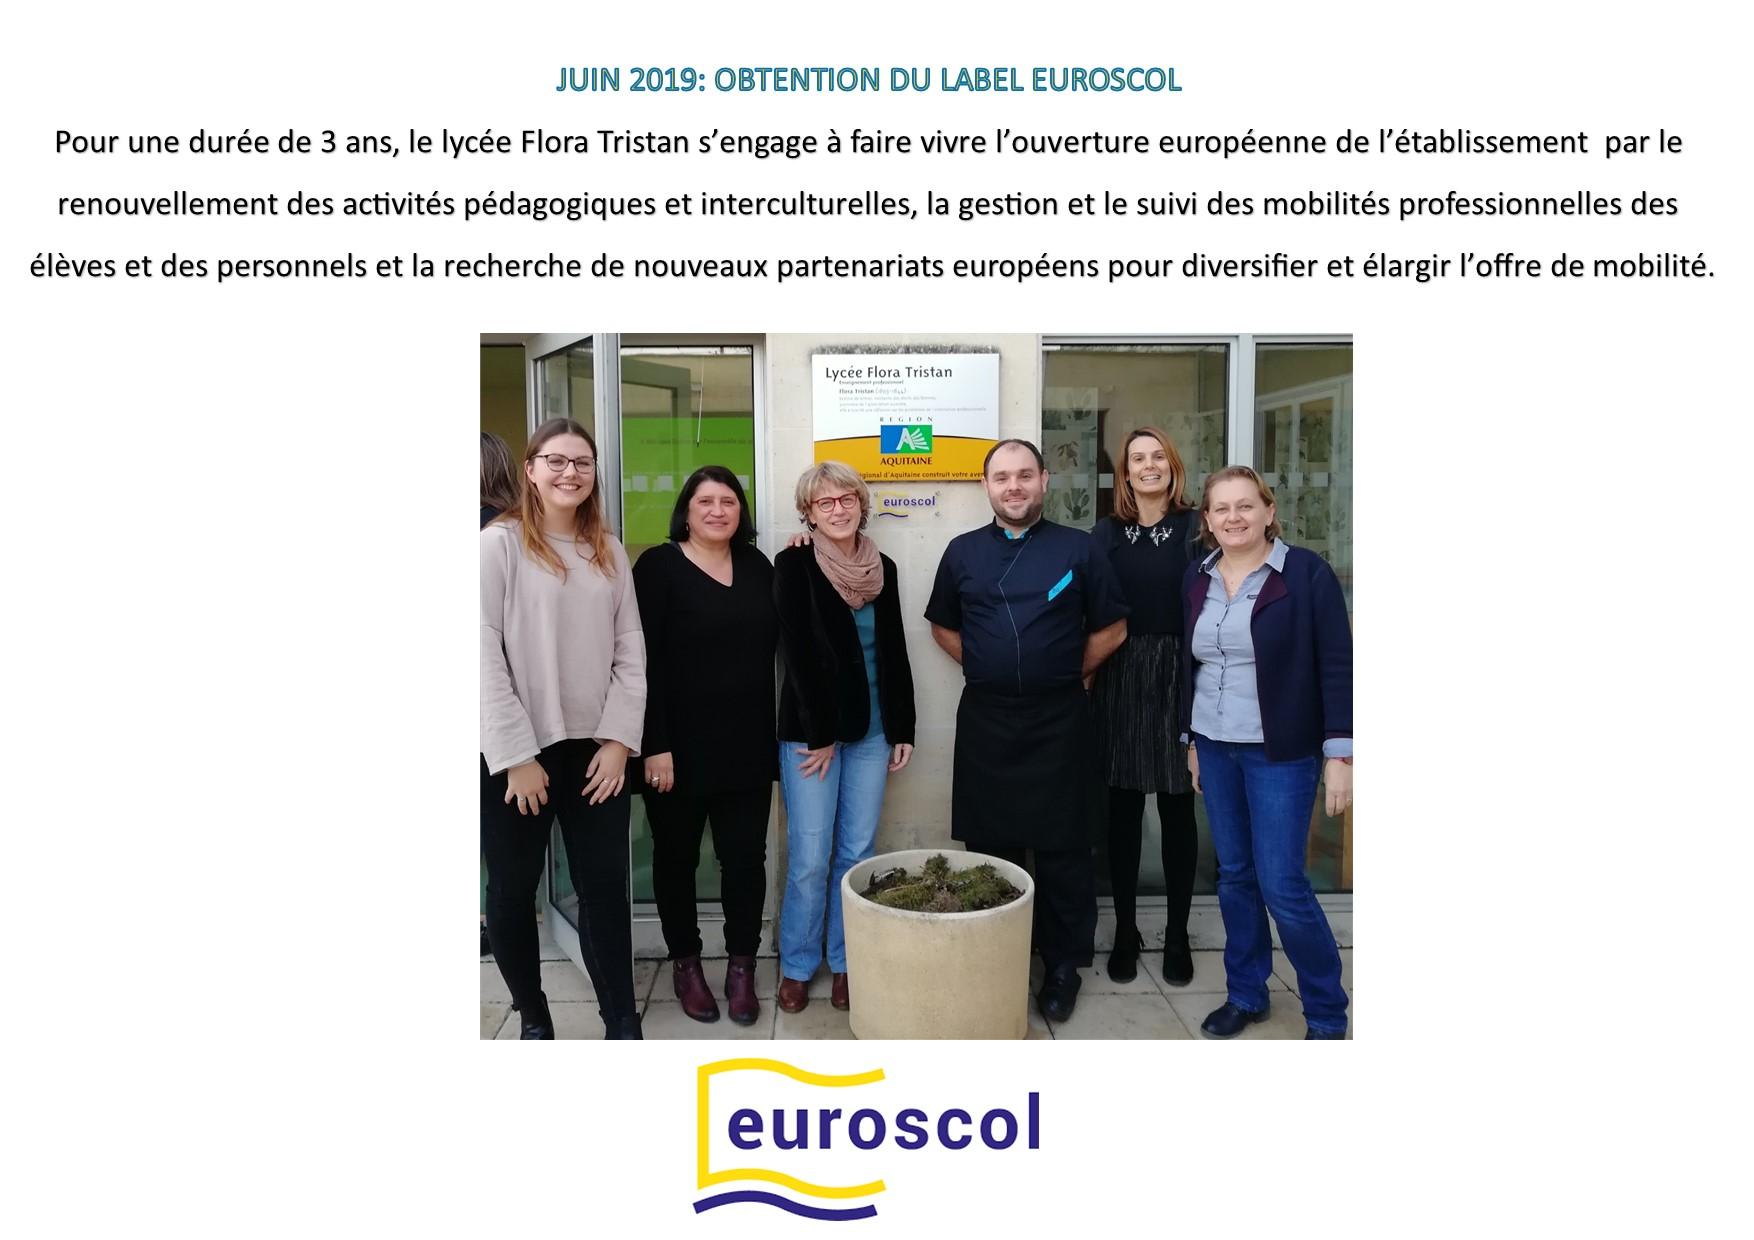 comm obtention label eursocol